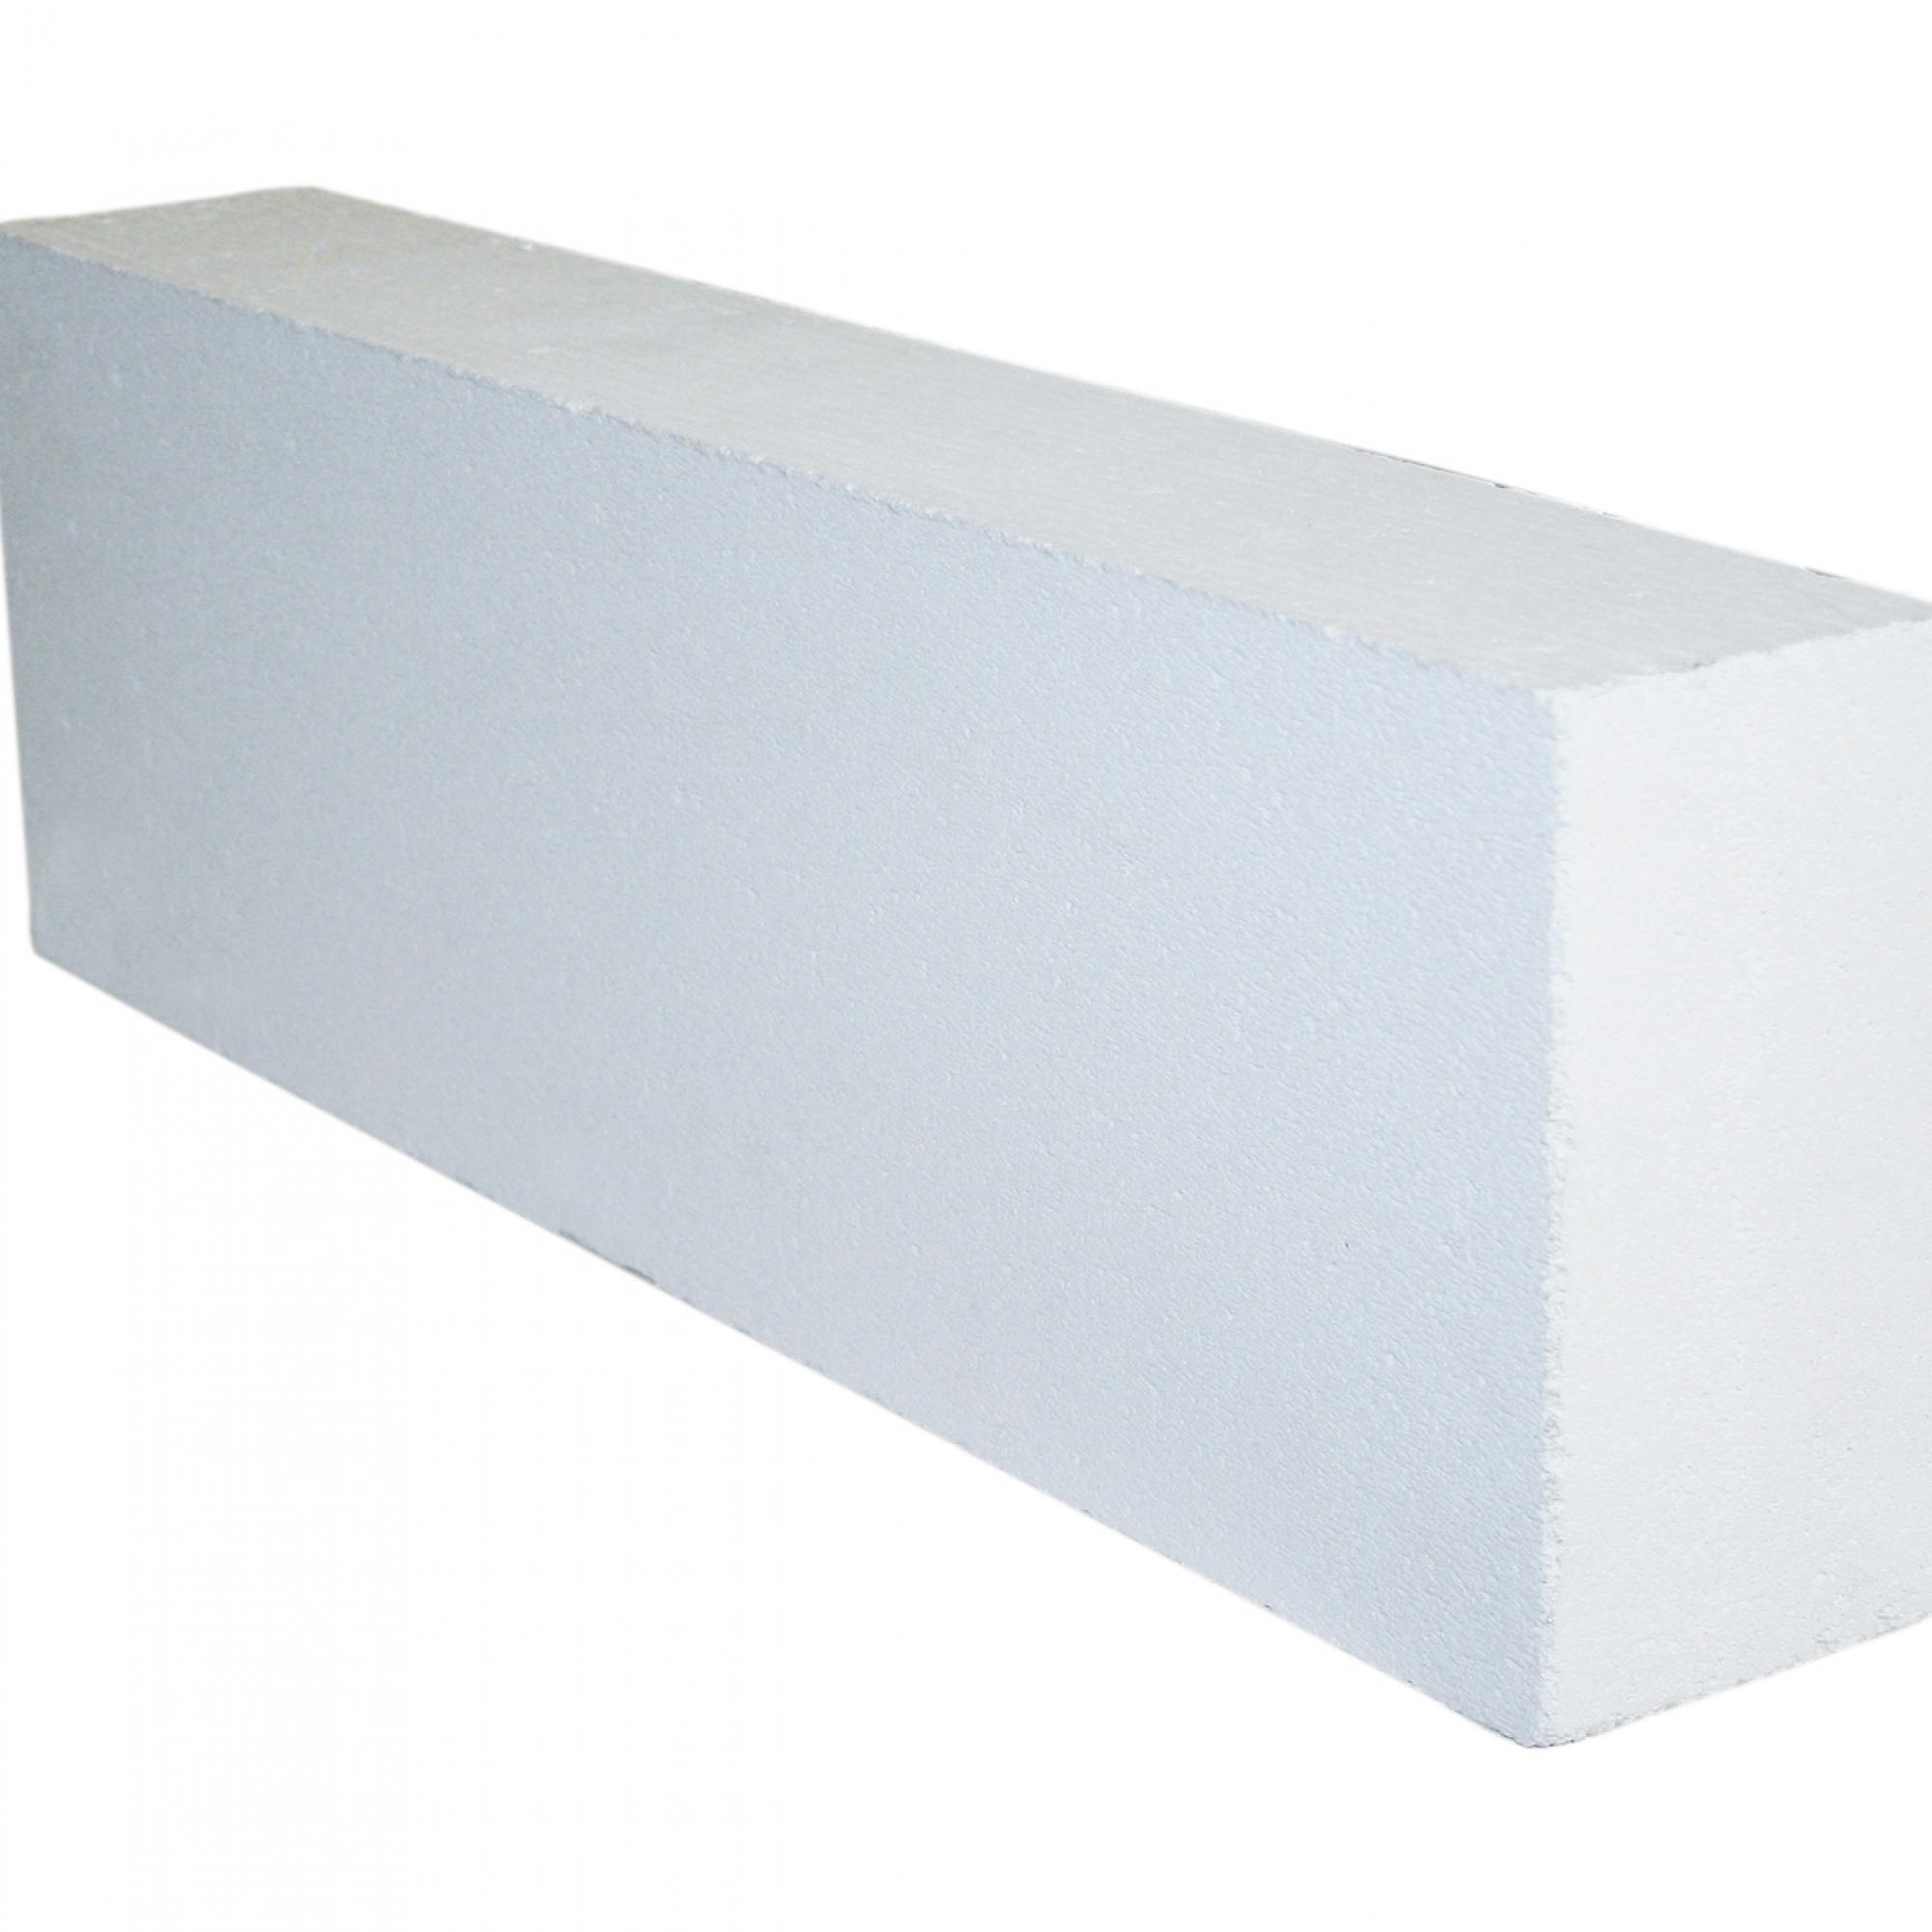 7 3N 100mm AAC Block Blocks